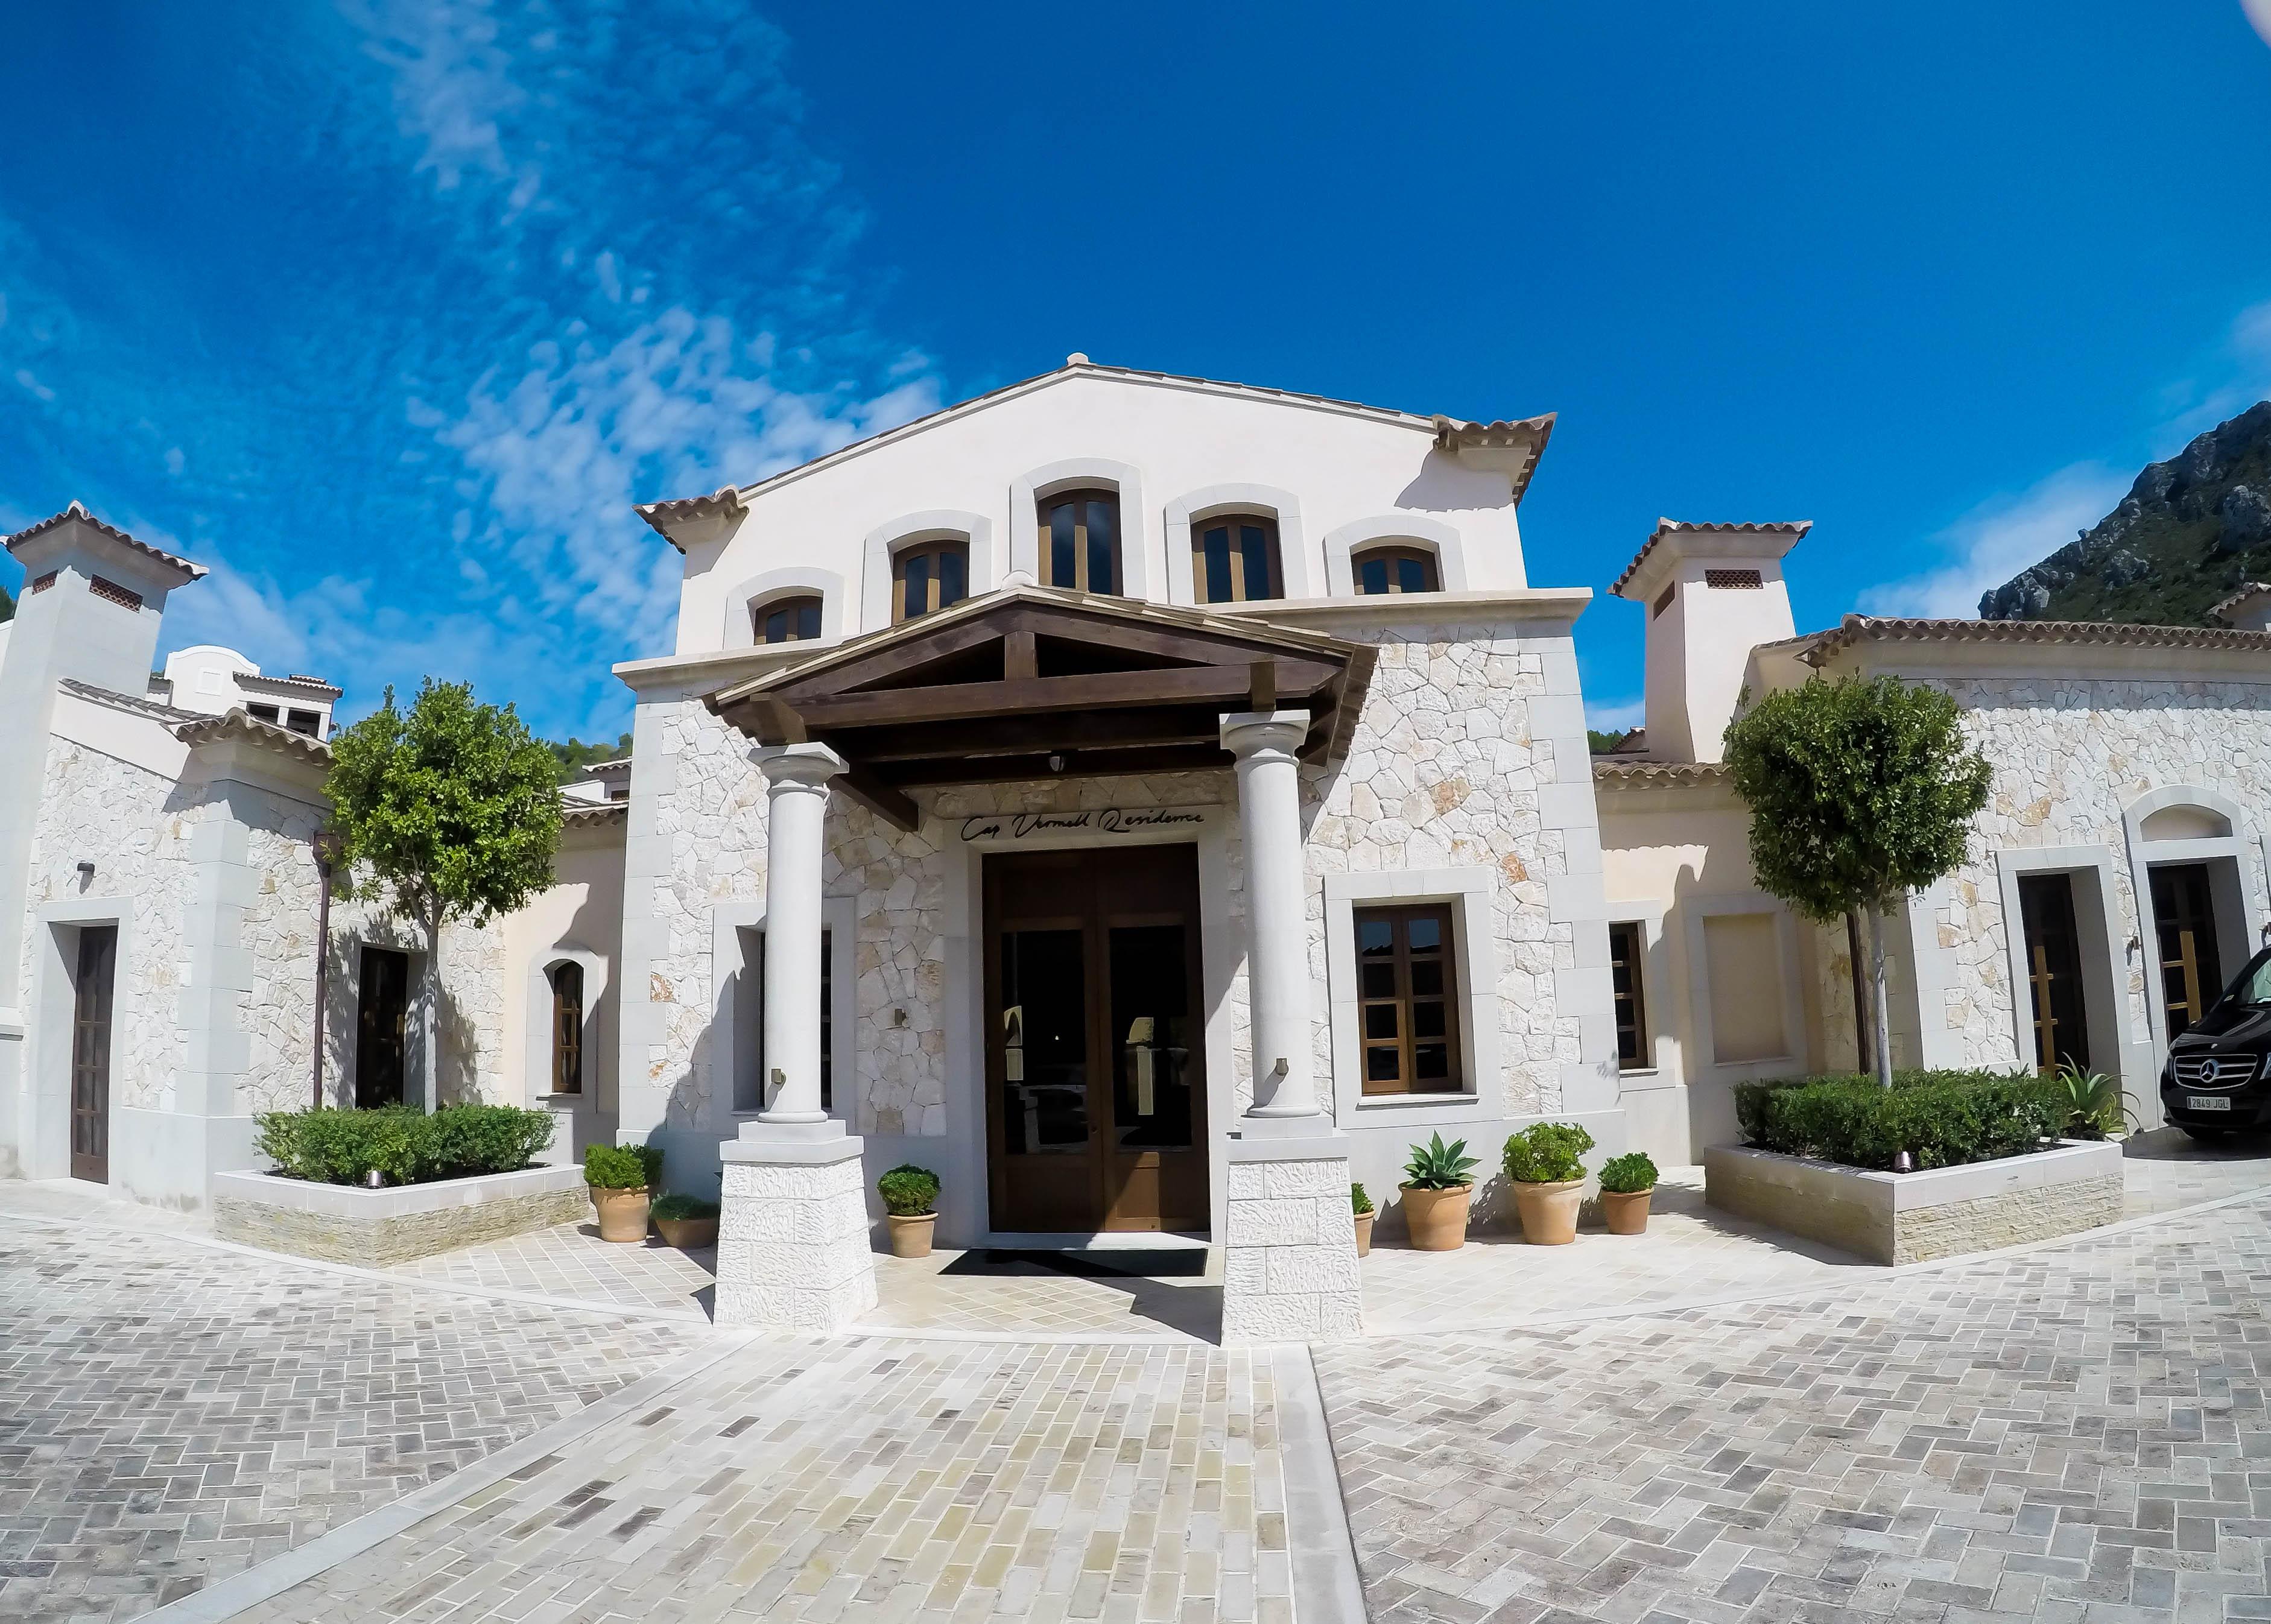 Park Hyatt Mallorca Cap Vermell Residence